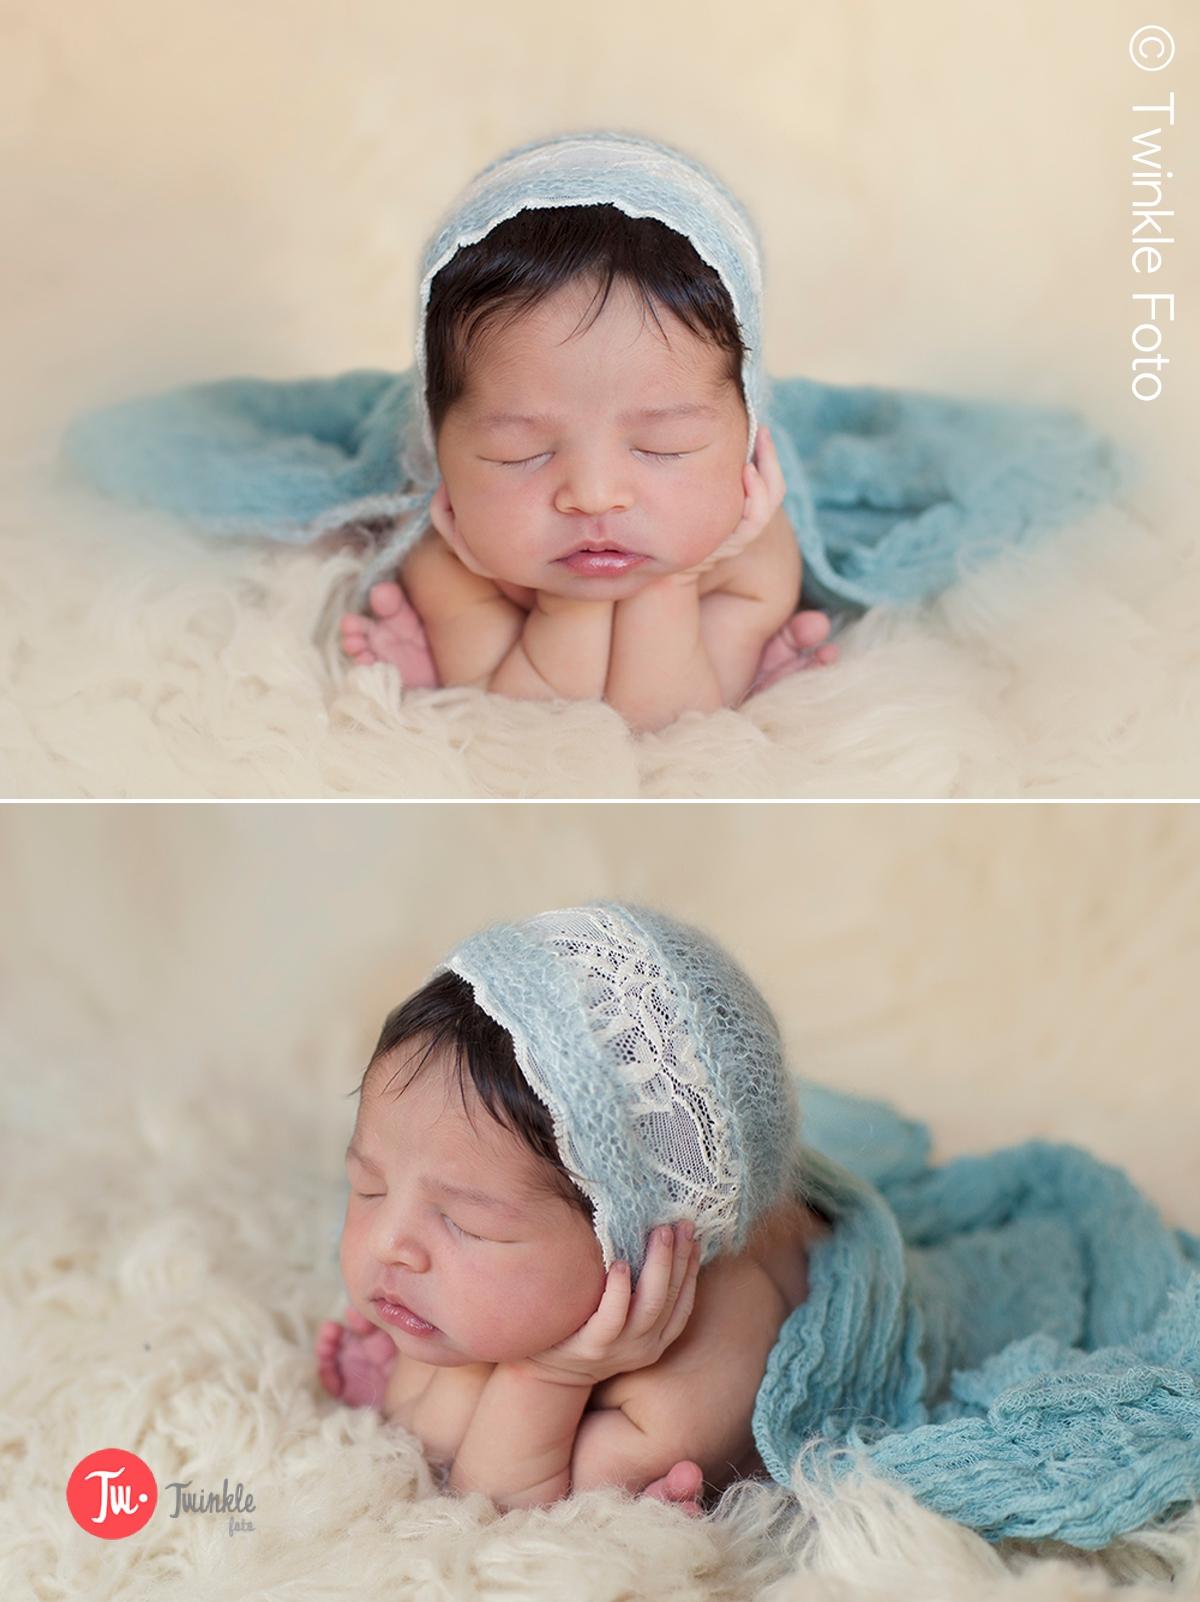 fotos_newborn_bebe_valencia_ las mejores fotos de bebes_amparo palop_03 SESION NEWBORN EN VALENCIA